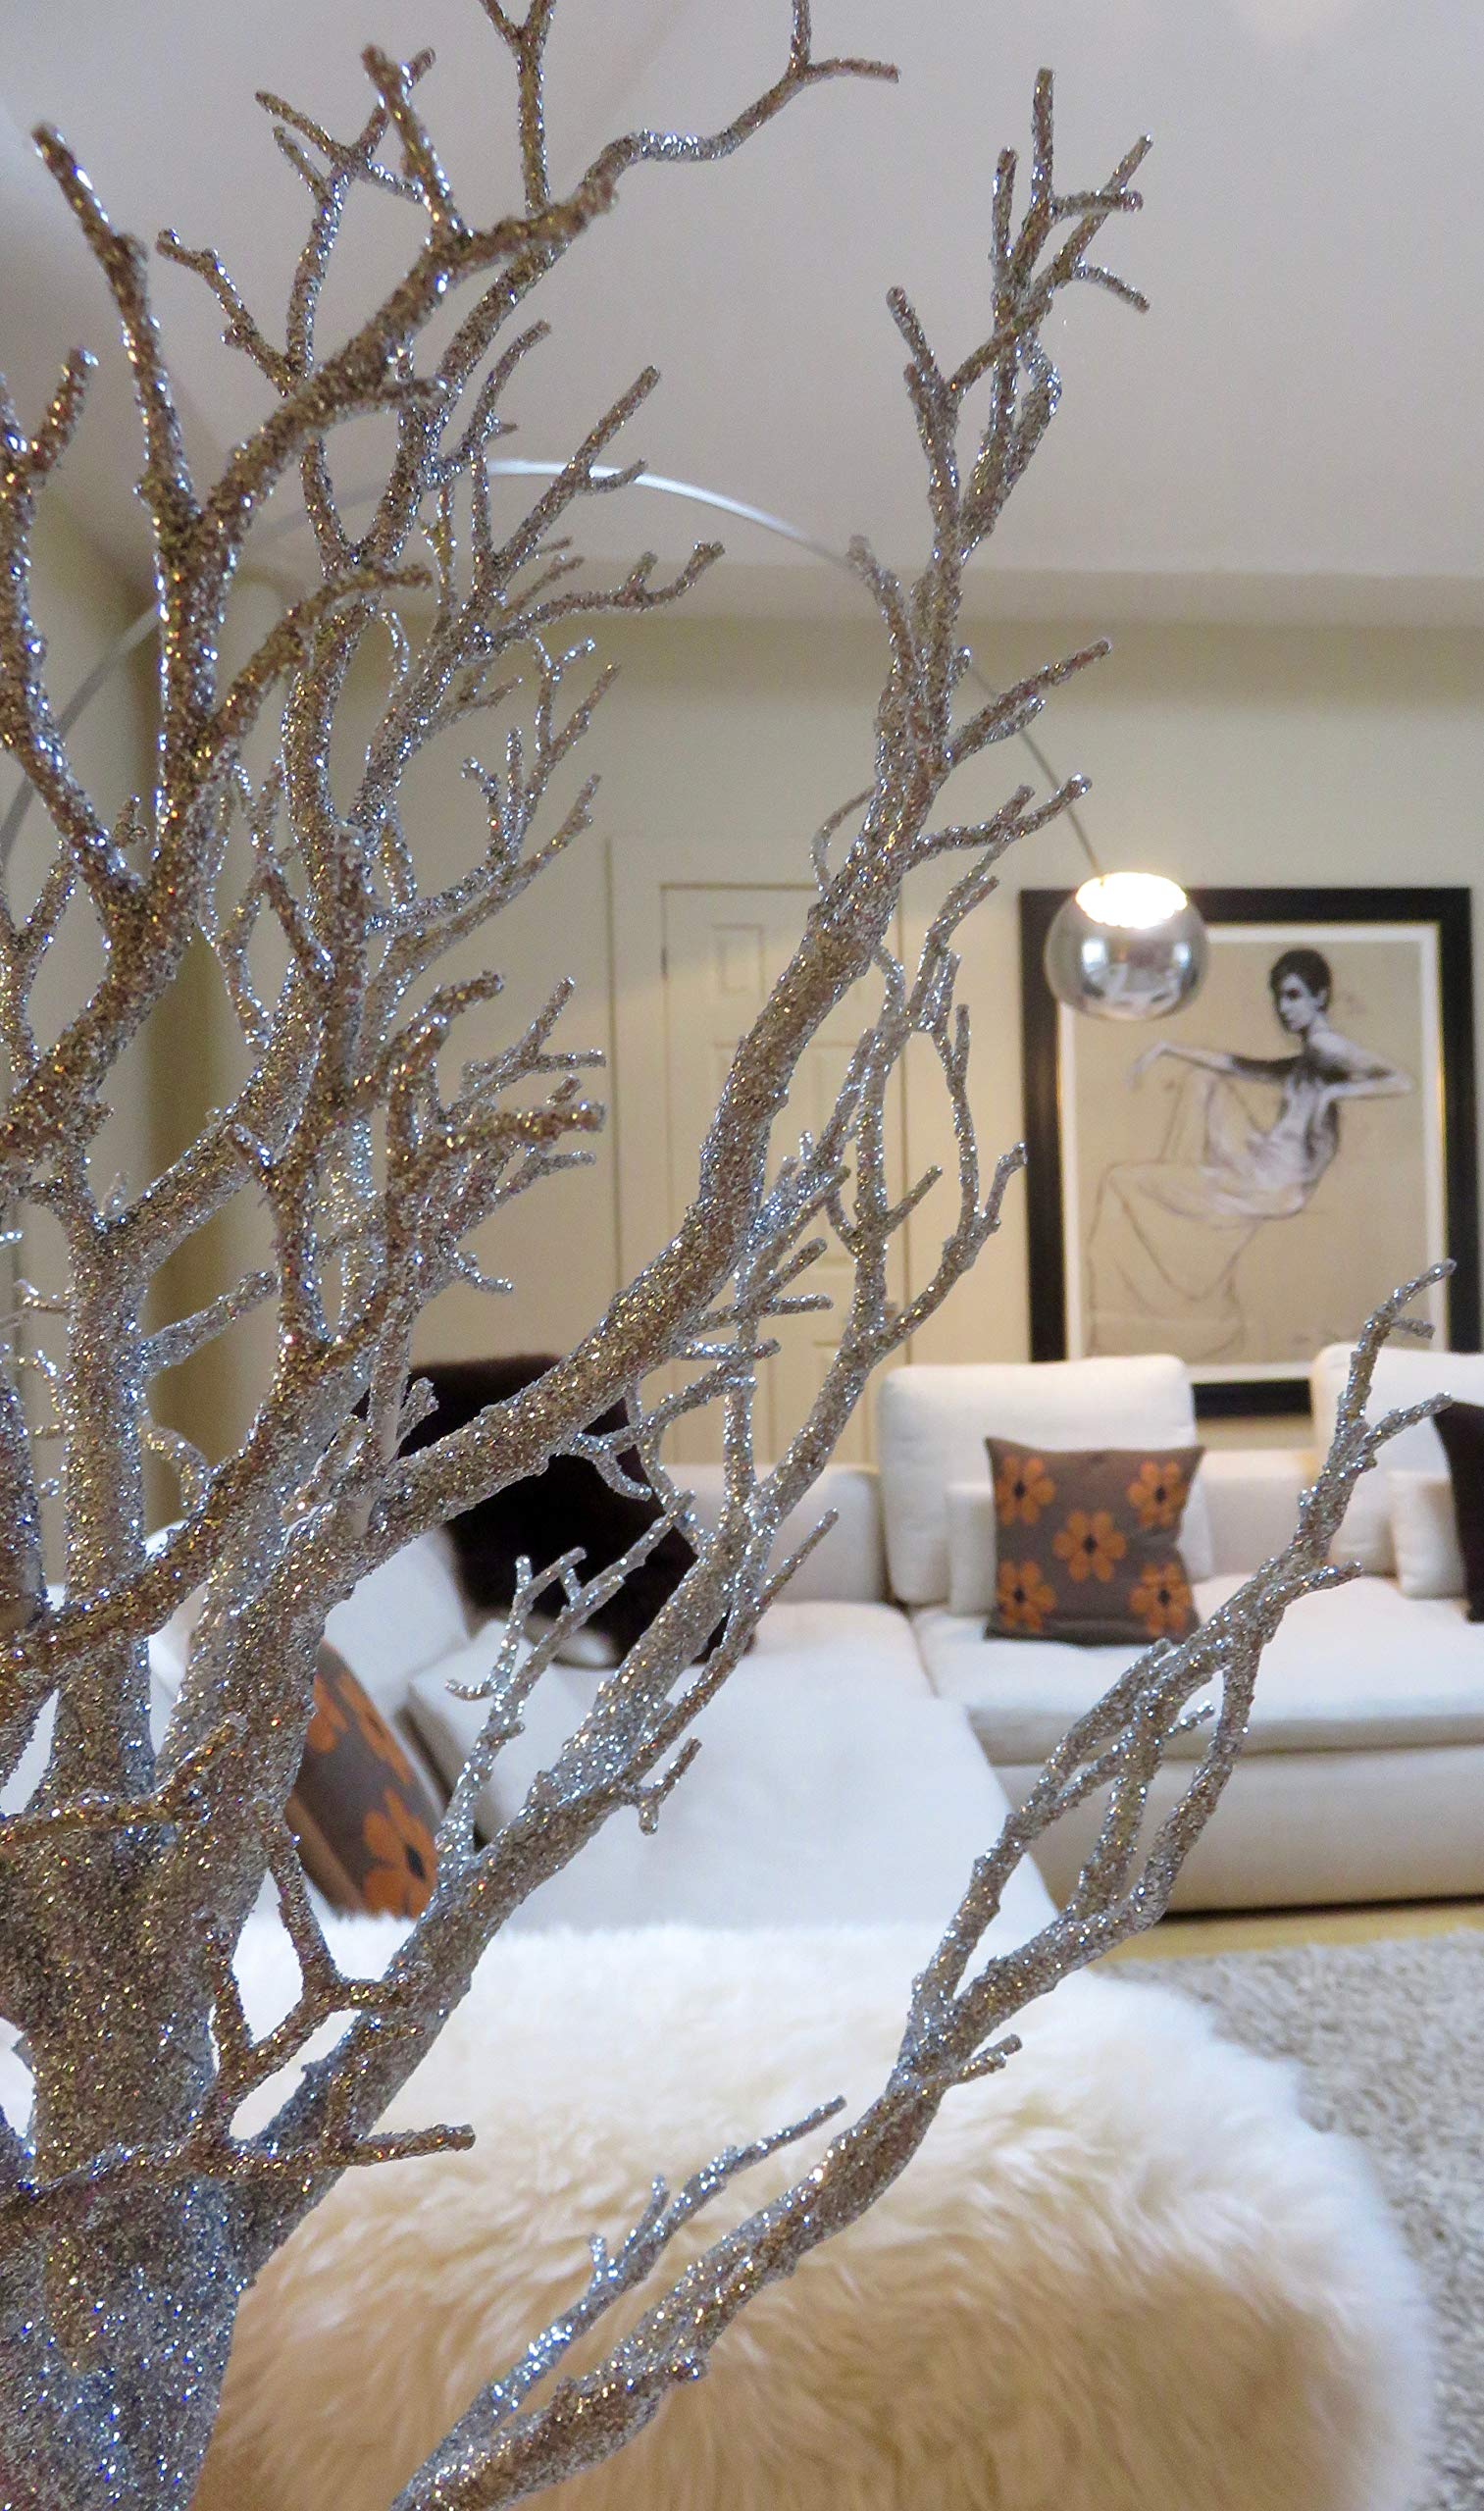 Unbekannt-Link-Products-Manzanita-Baum-glitzernd-fr-den-Innenbereich-silberfarben-Inklusive-20-LED-Lichterketten-Hhe-75-cm